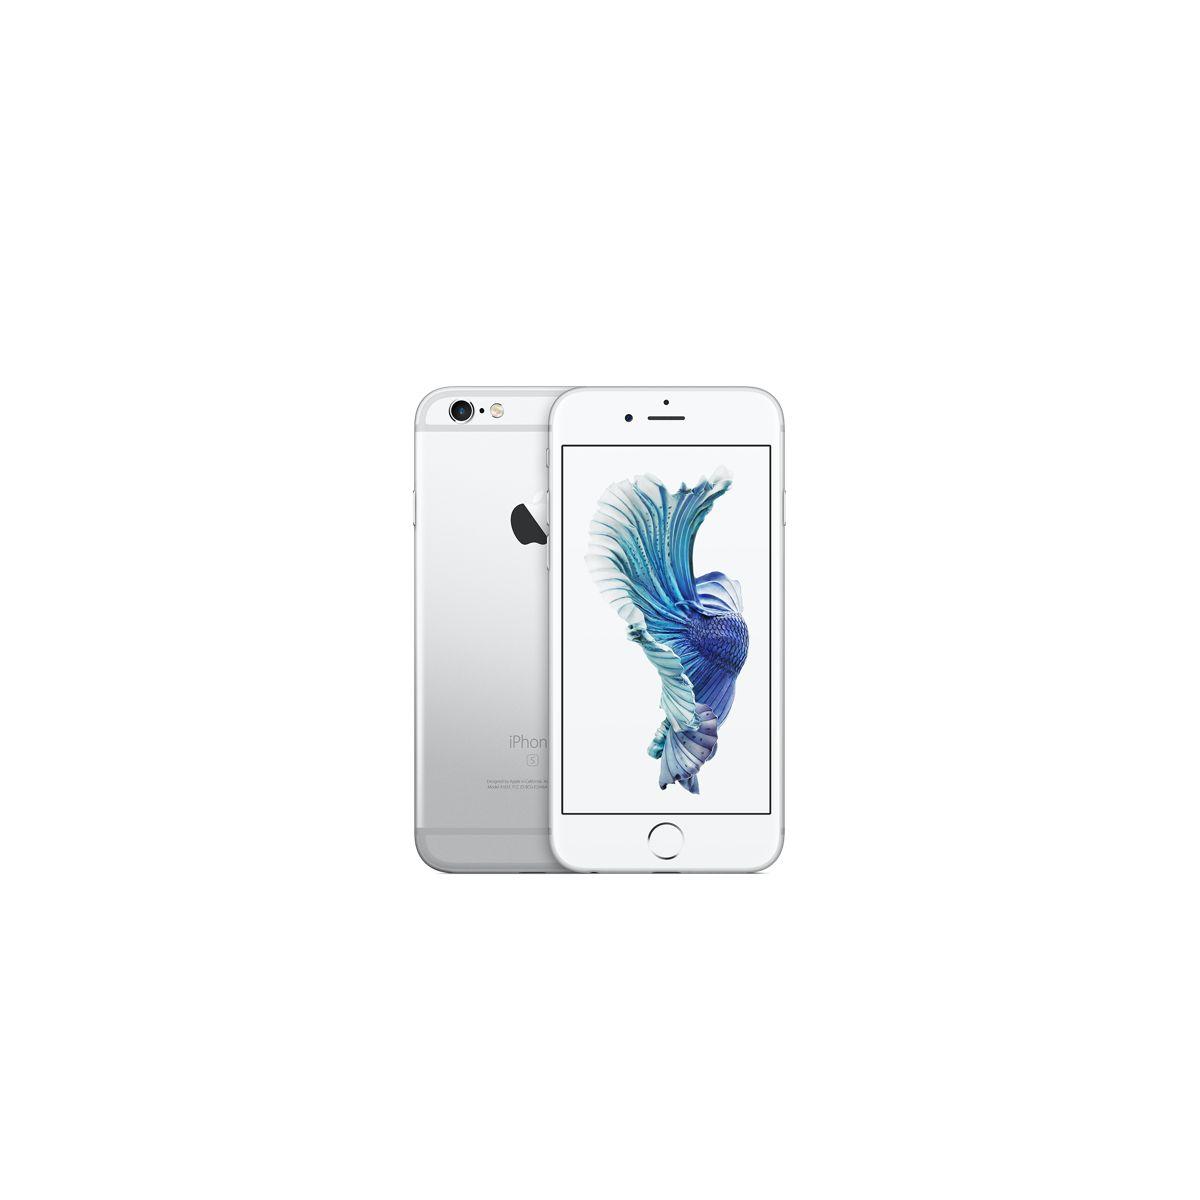 Apple iphone 6s 128go argent - 2% de remise immédiate avec le code : fete2 (photo)